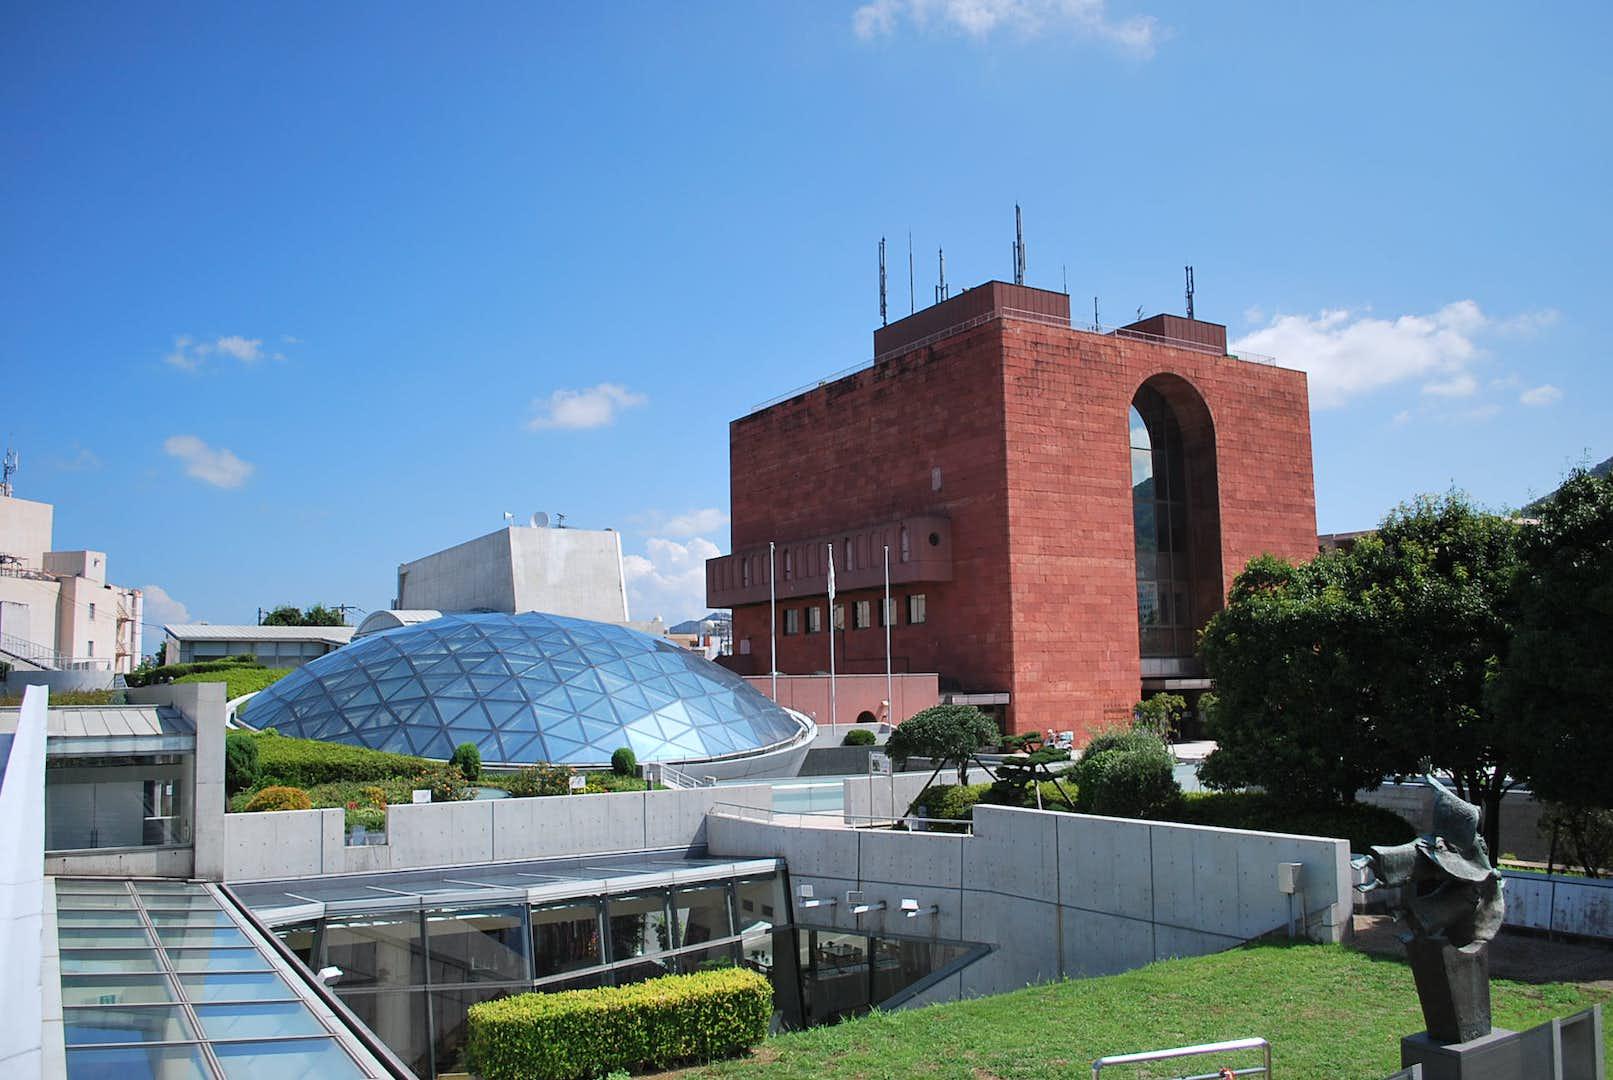 2つの原爆資料館、その「展示」が伝えるもの。小田原のどか評「広島平和記念資料館」